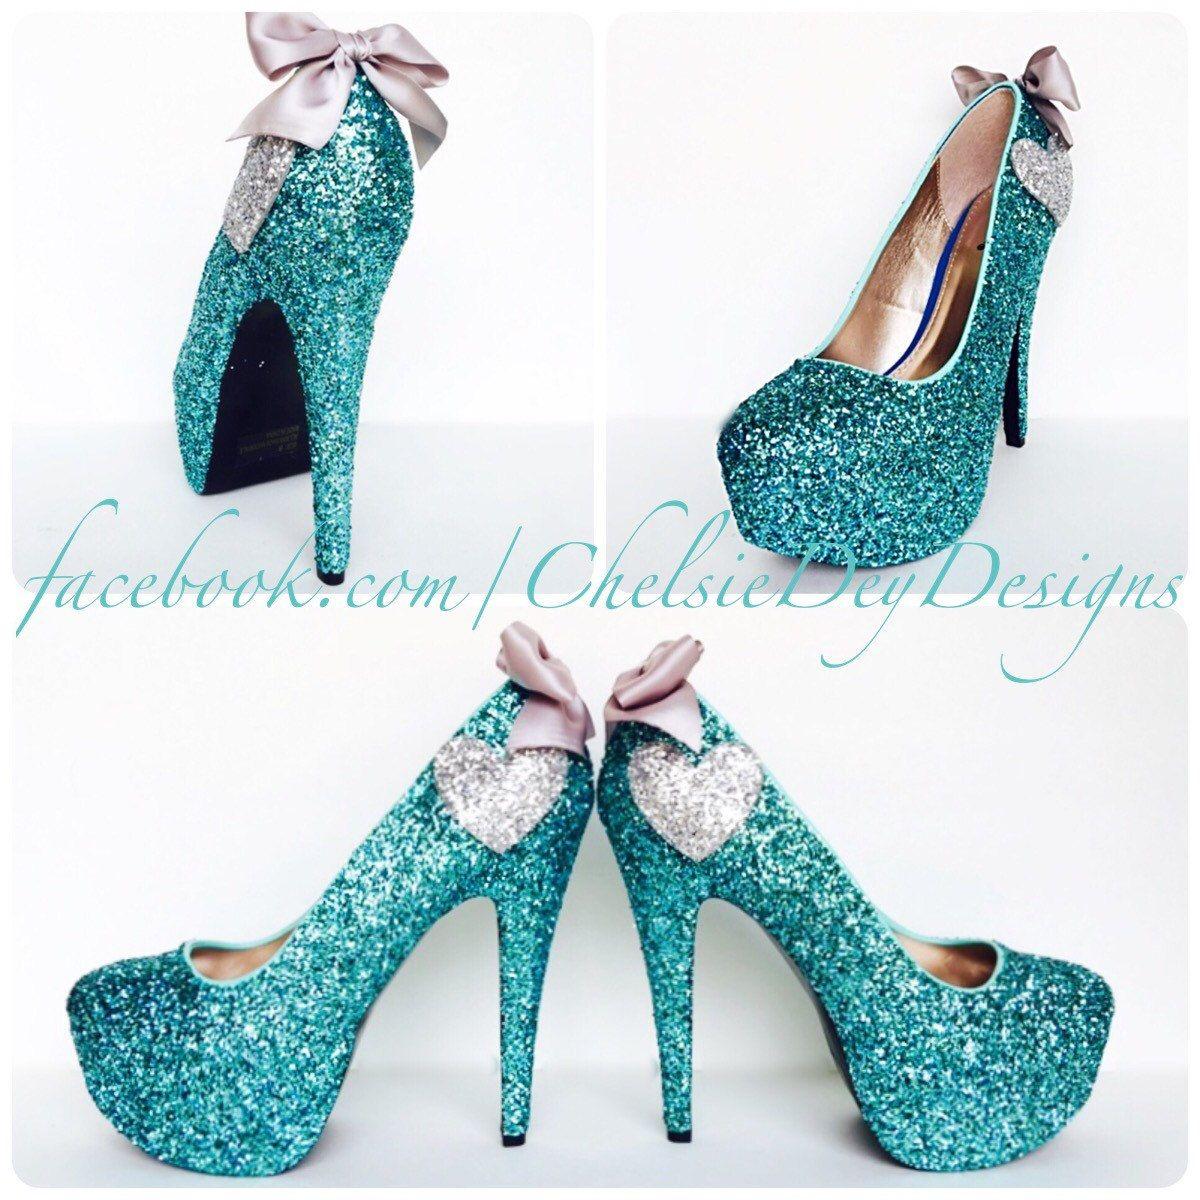 Glitter High Heels Robins Egg Blue Aqua Turquoise Pumps